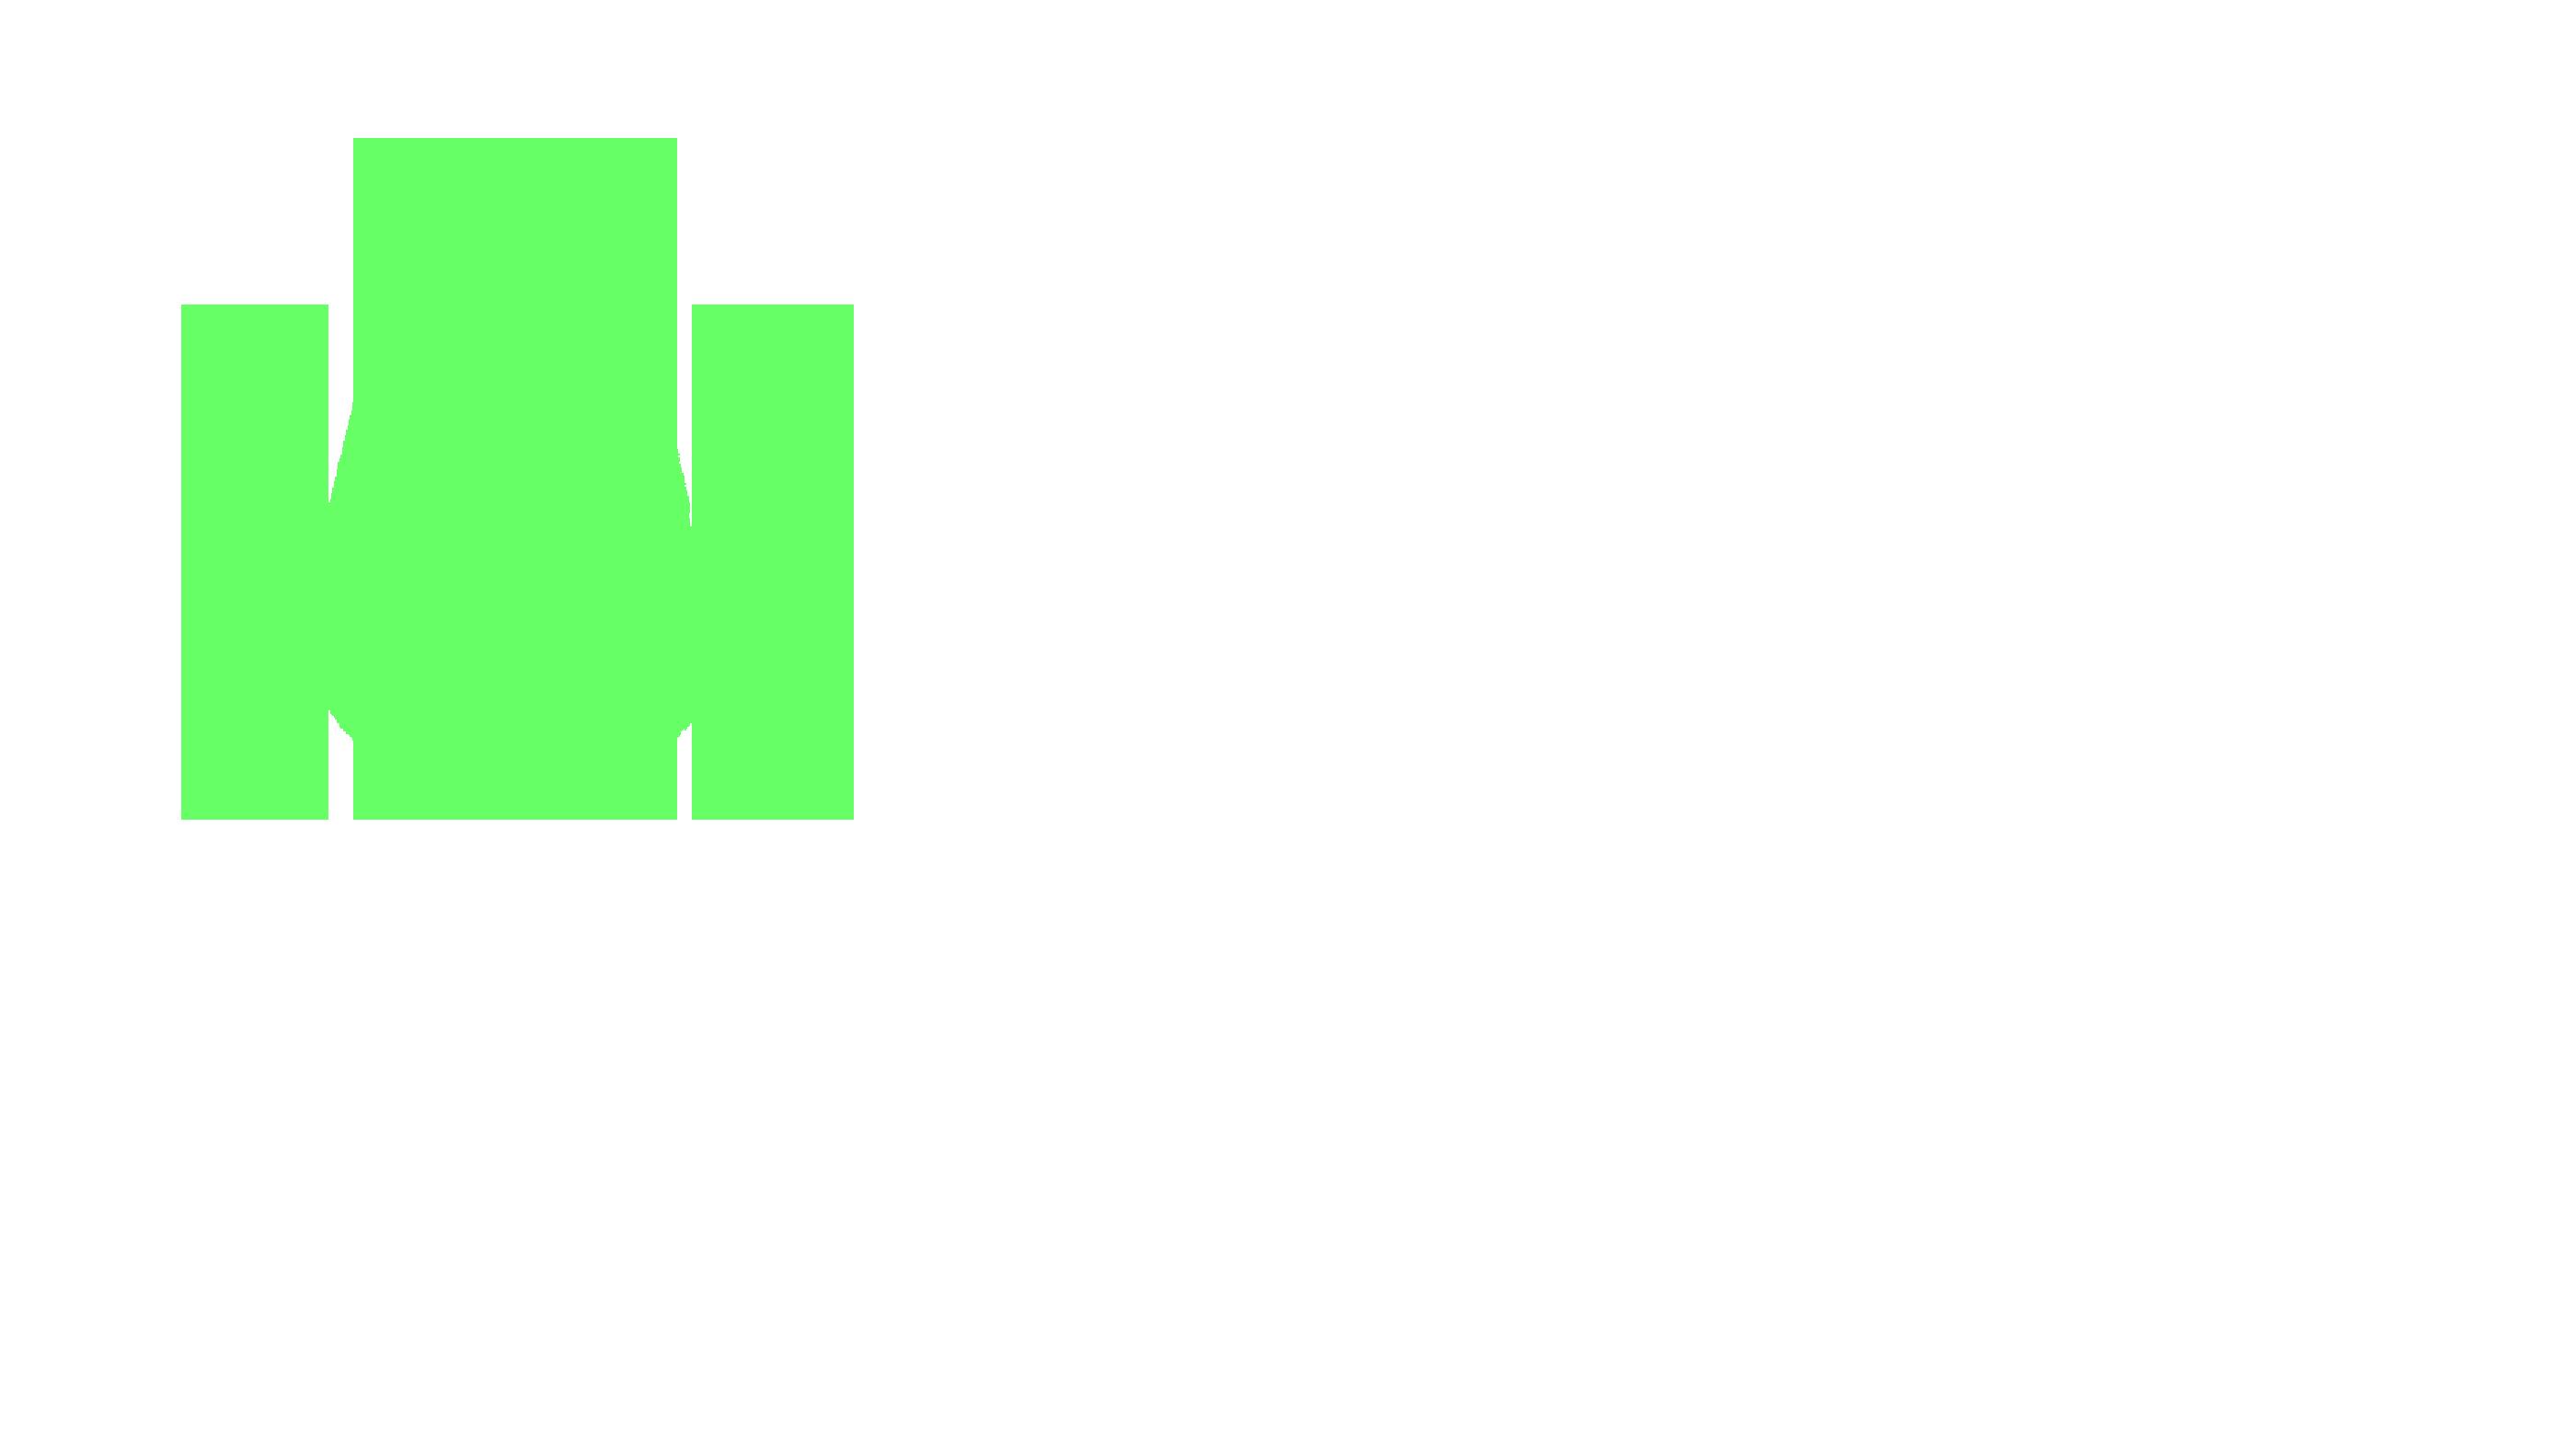 ilustração - planos